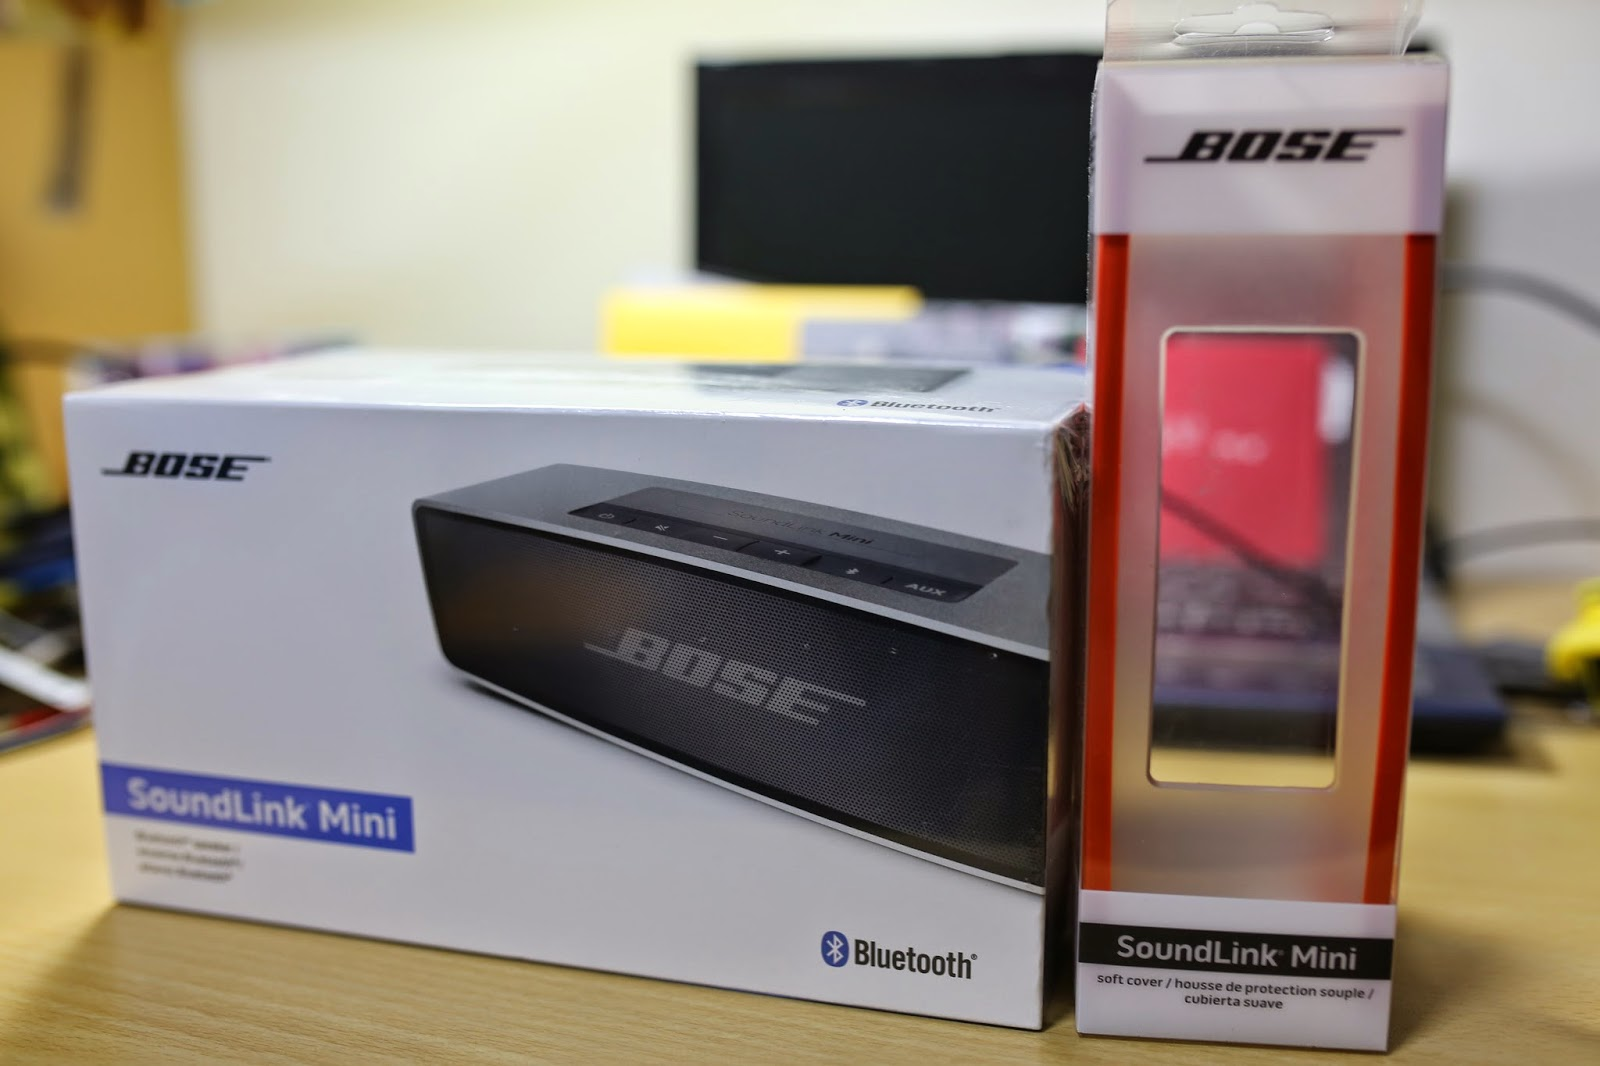 リラックマと小銘のBlog: [開箱] 結合頂尖音質與便利攜帶性-Bose SoundLink mini bluetooth speaker